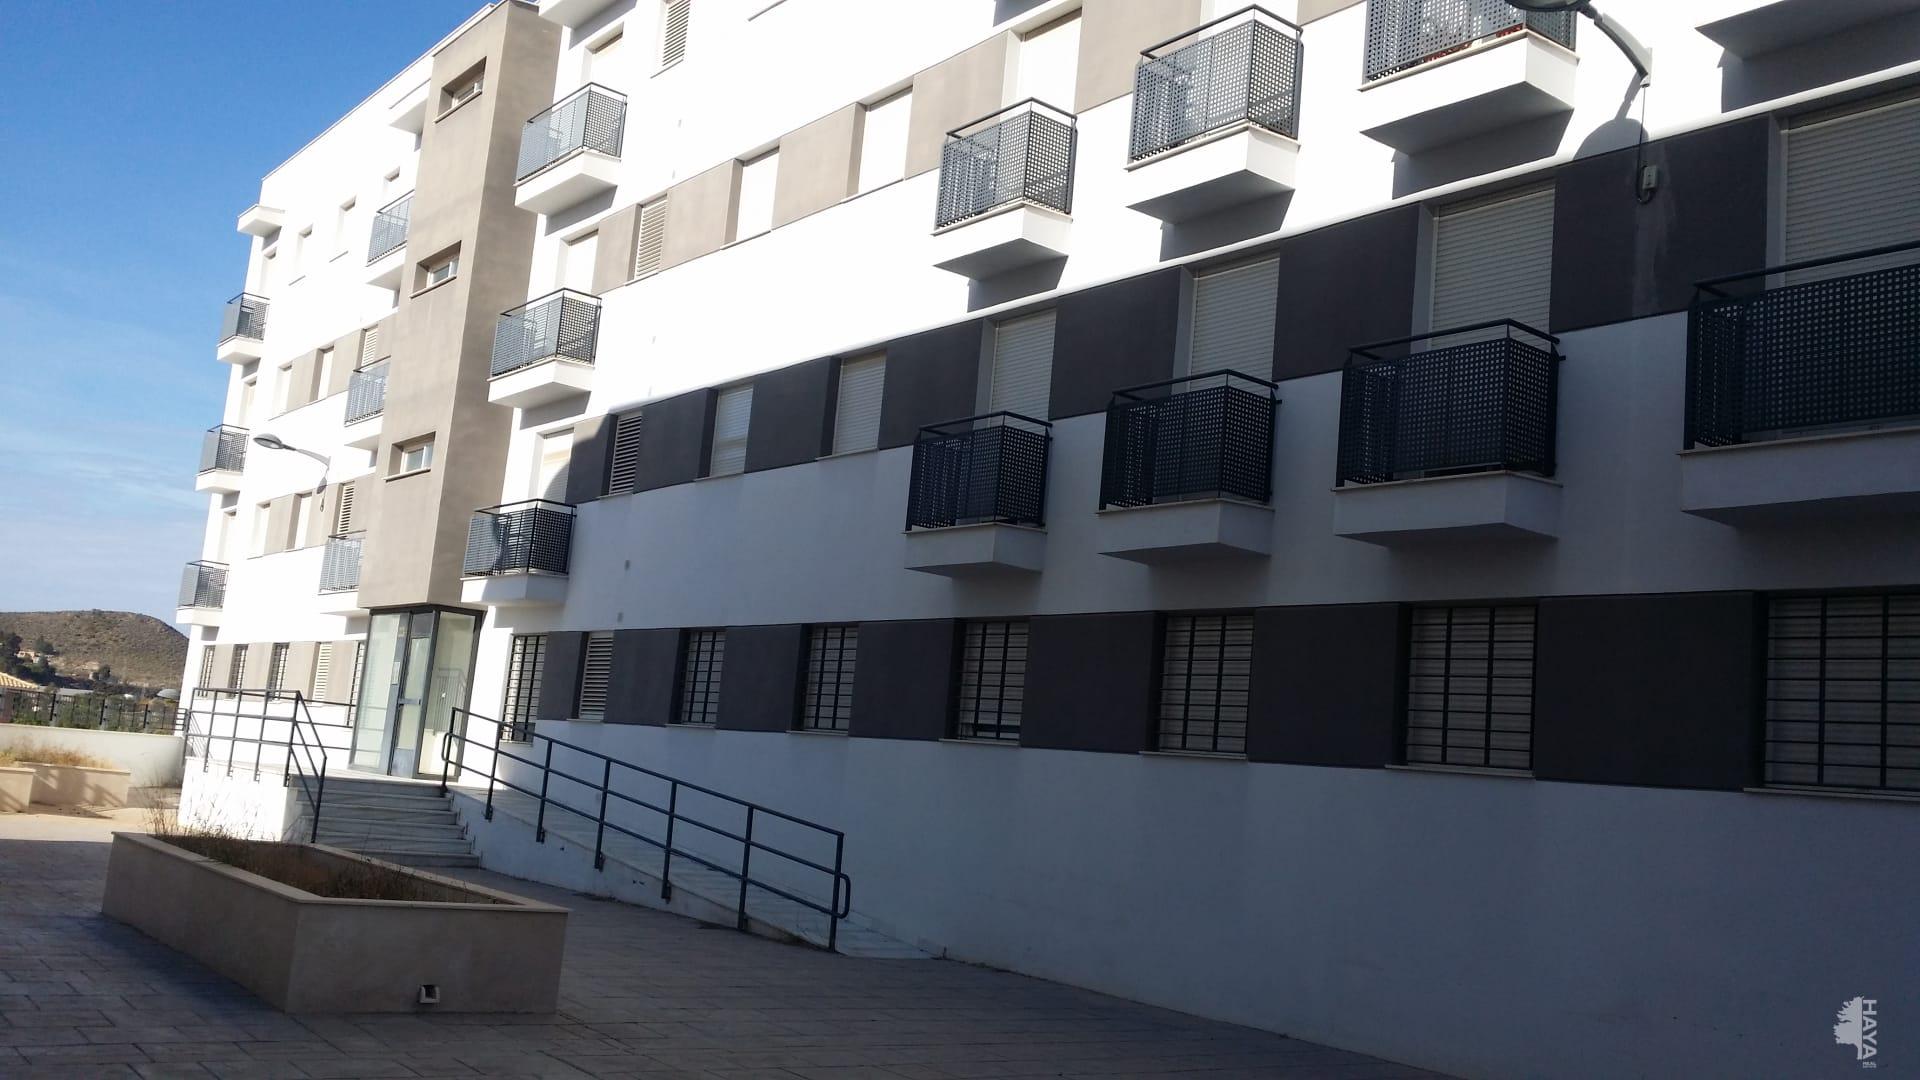 Piso en venta en Huitar Mayor, Olula del Río, Almería, Calle Alta, 74.000 €, 3 habitaciones, 1 baño, 89 m2